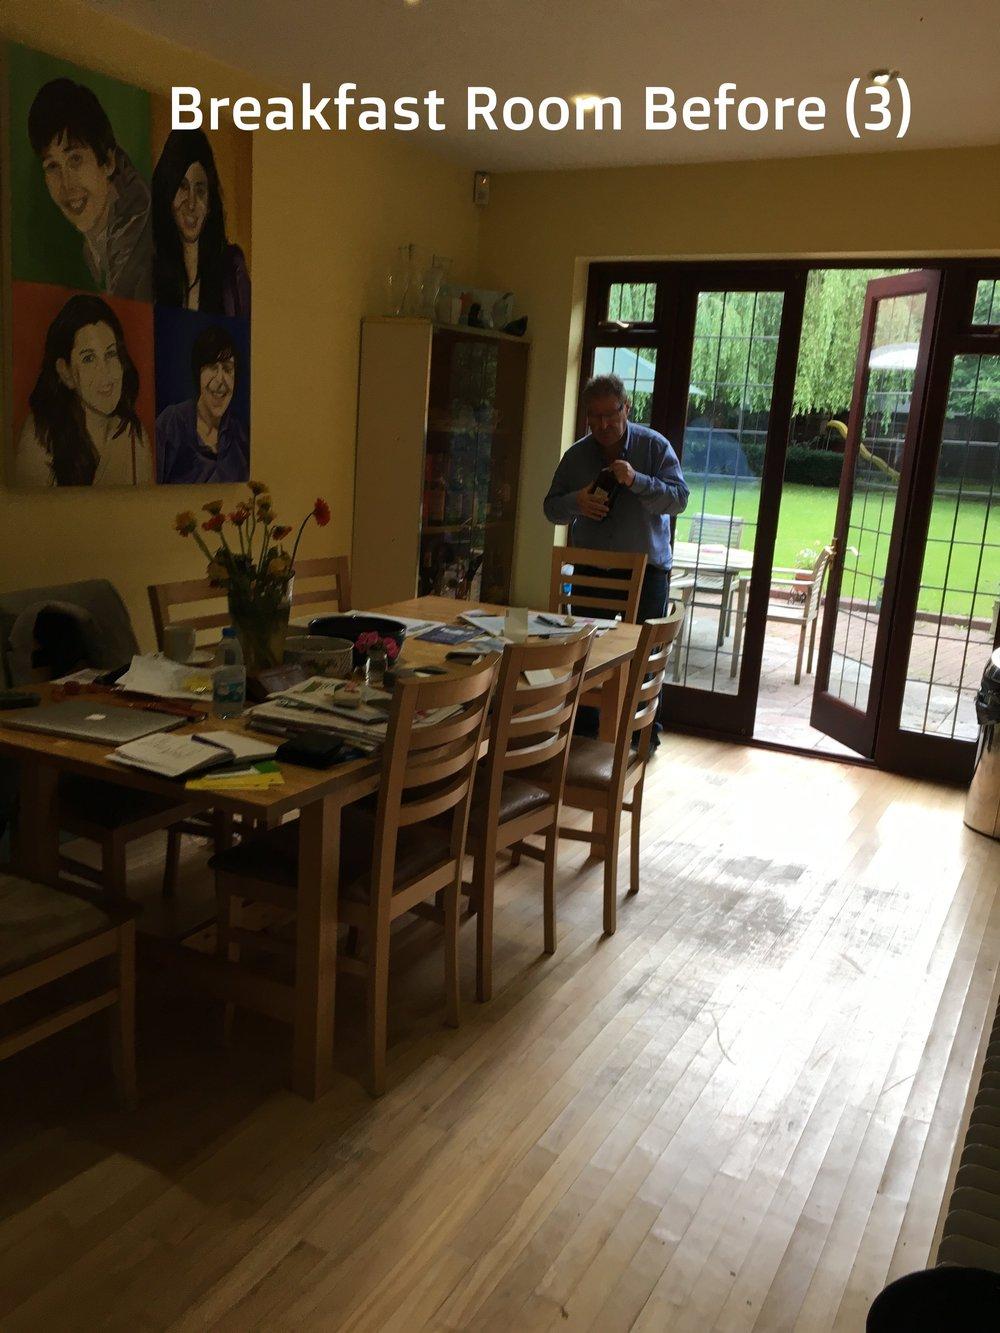 Breakfast Room Before (3).jpg